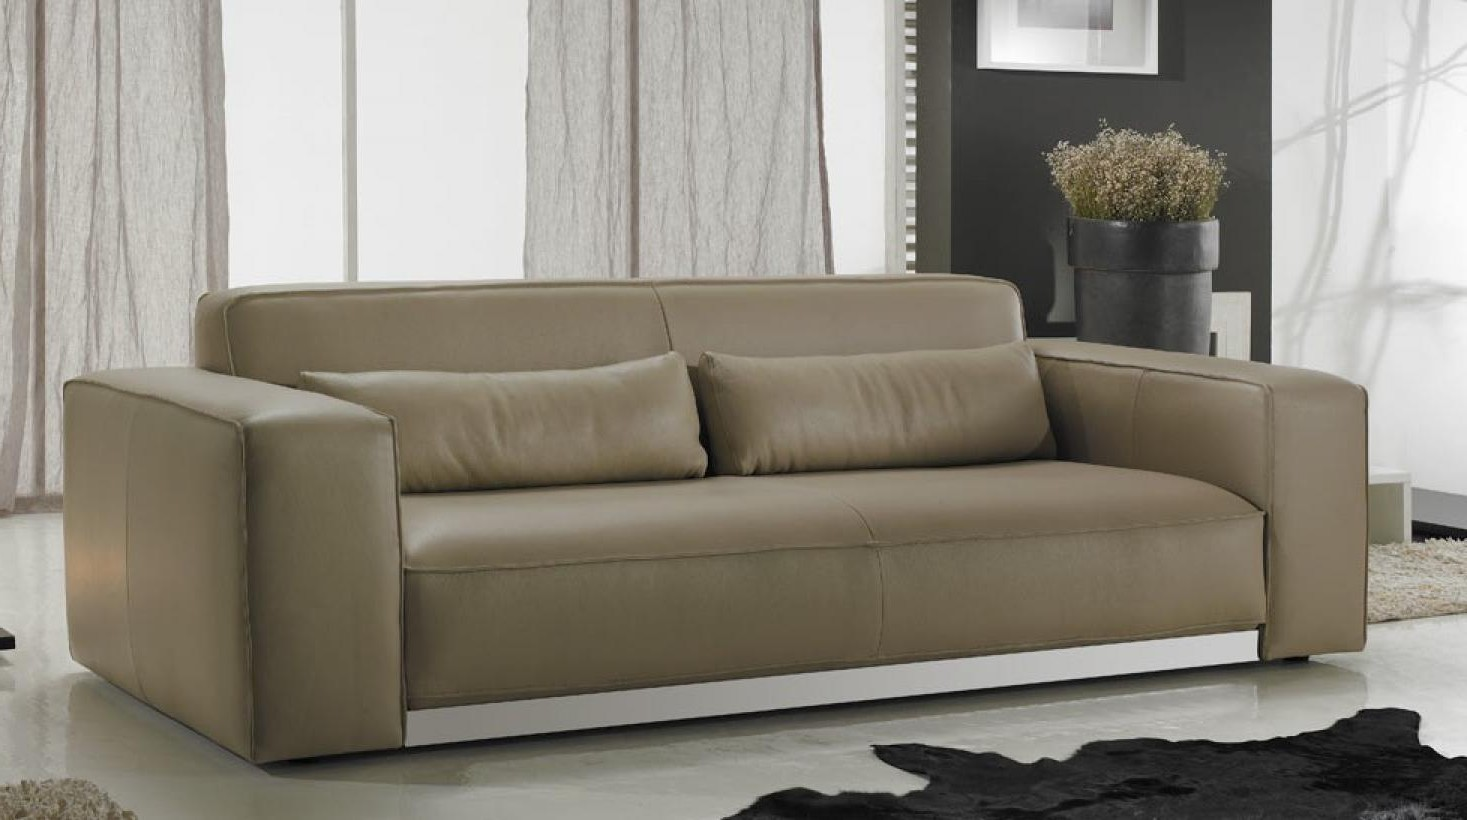 Canape Design Luxe Italien